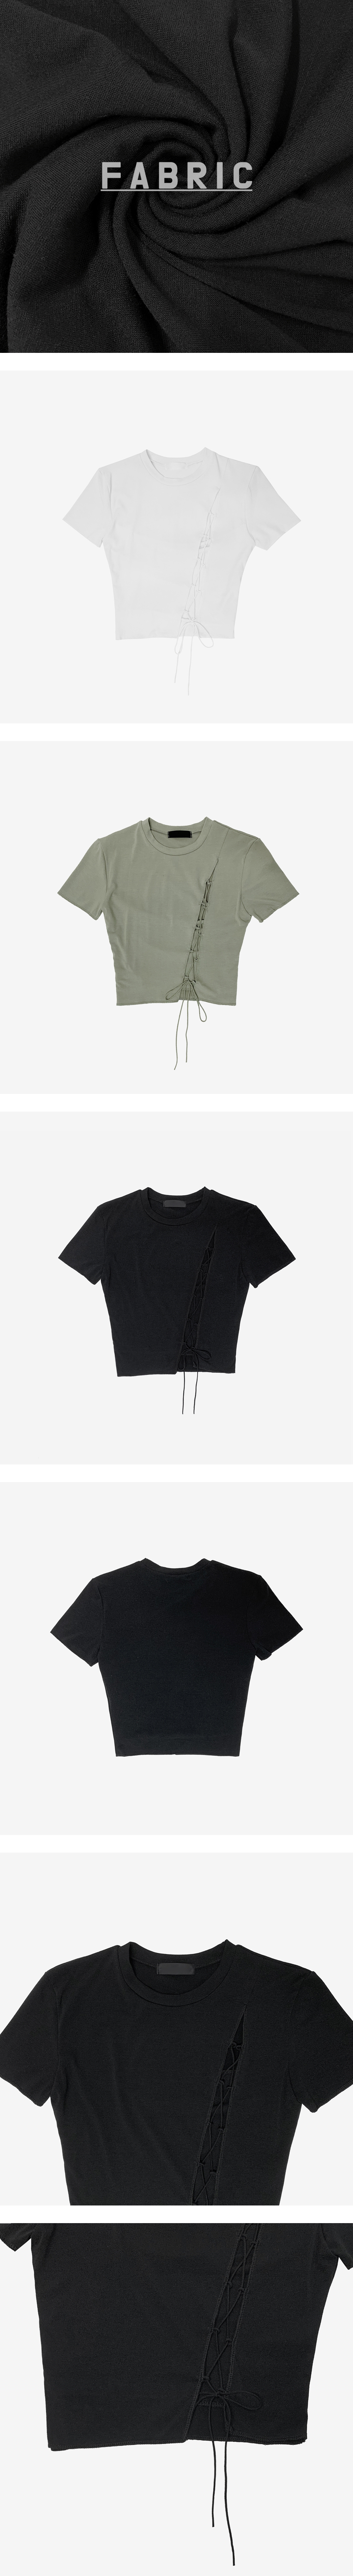 panning slit cropped T-shirt